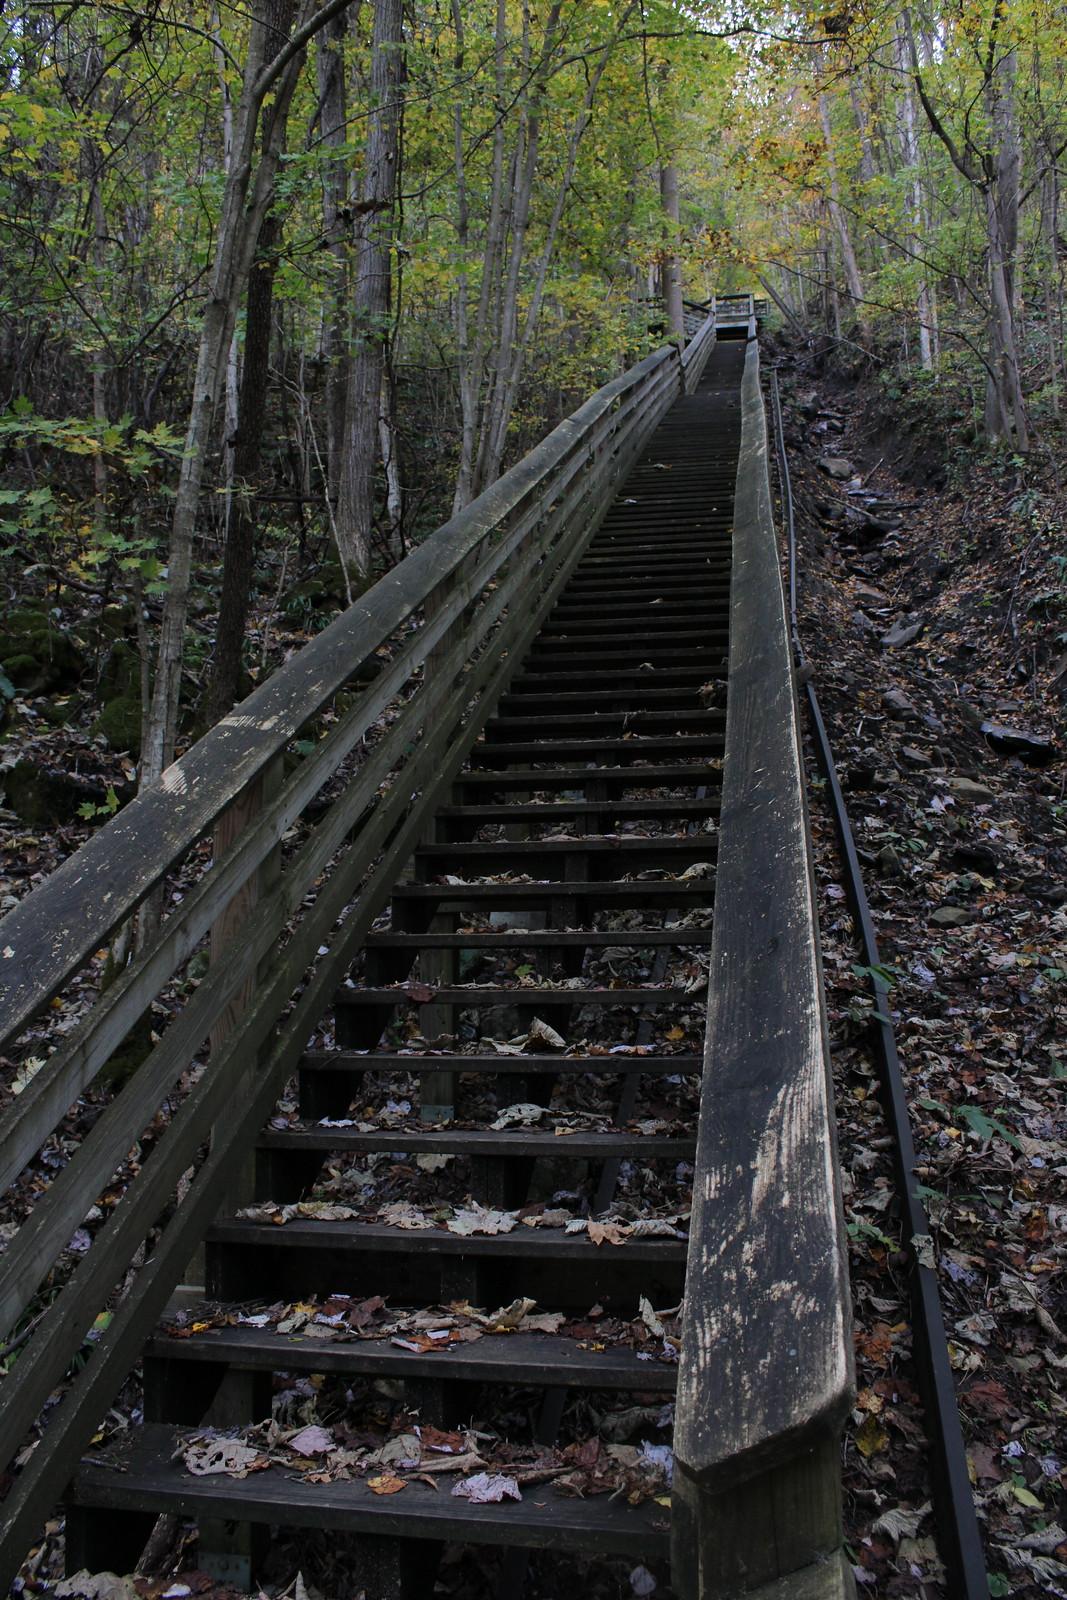 Stair steps.